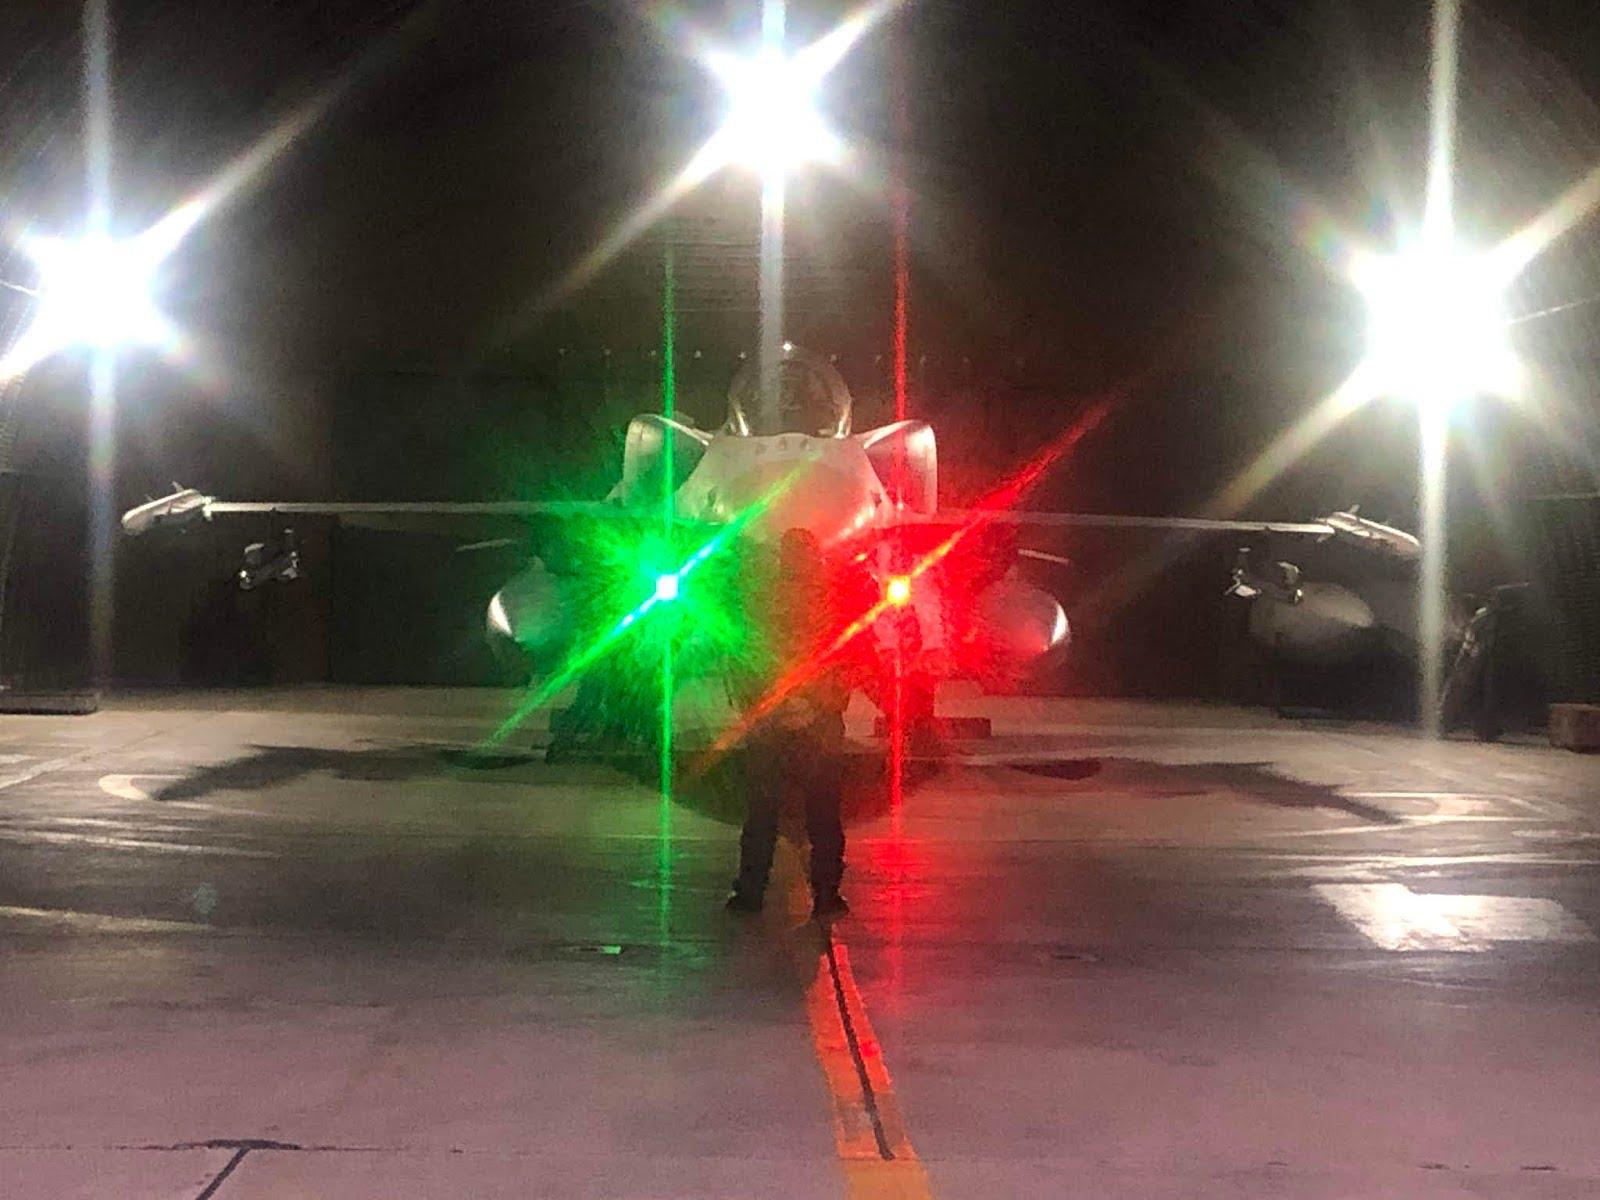 Πότε θα είναι έτοιμο το ελληνικό υπερόπλο: Το χρονοδιάγραμμα της αναβάθμισης των F-16 που αλλάζει τις ισορροπίες στο Αιγαίο